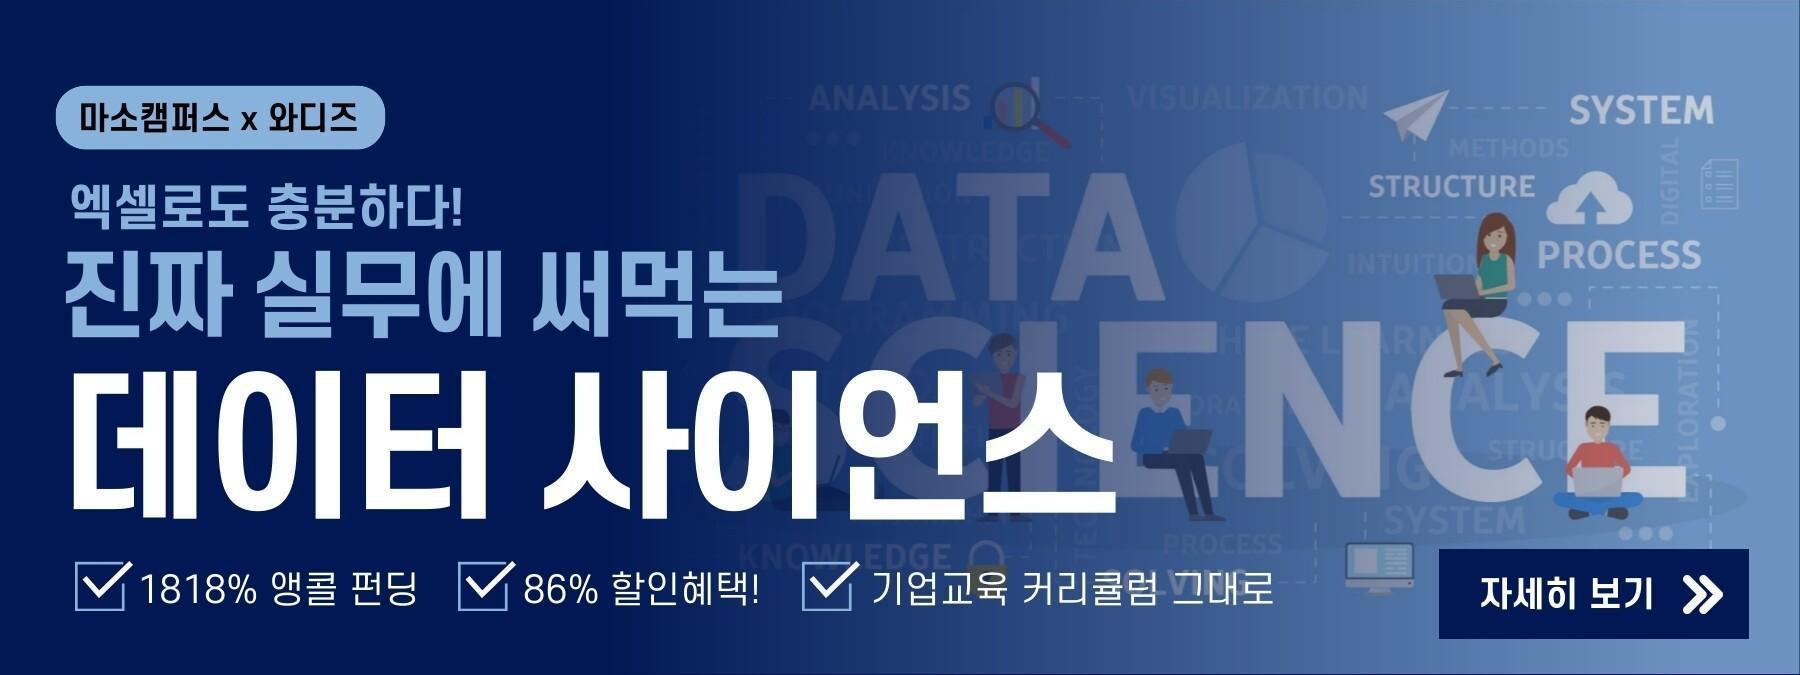 VOD-27. 데이터 사이언스 입문 부트캠프